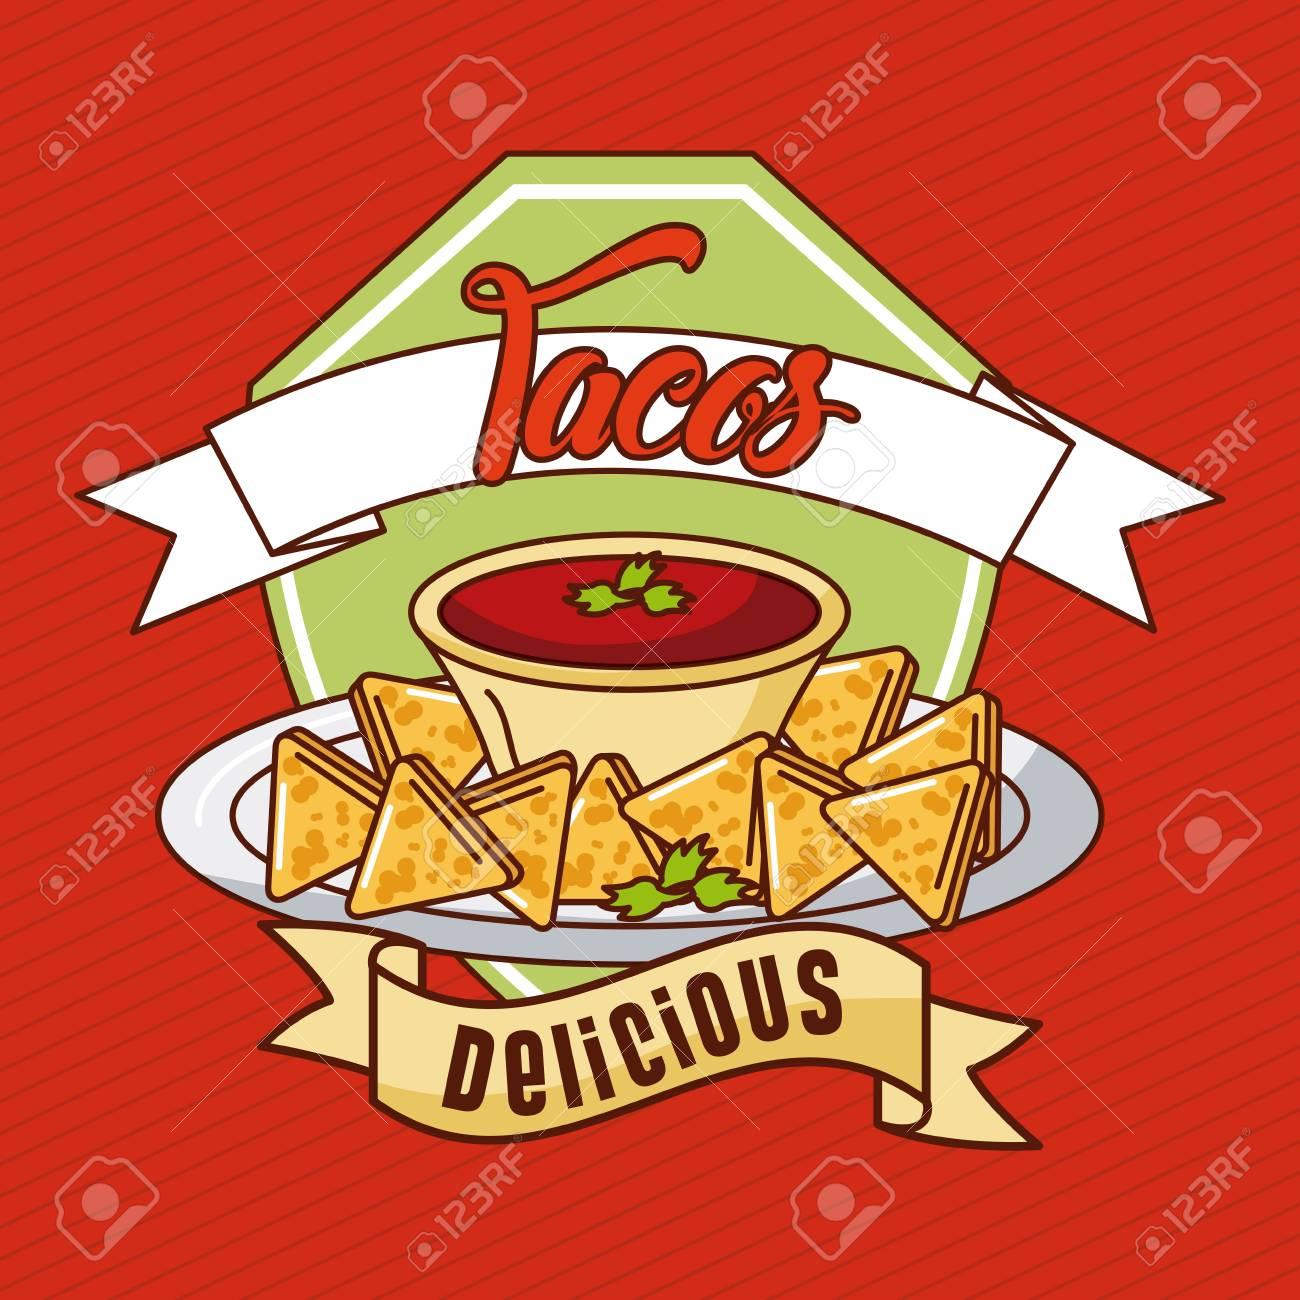 Delicious nachos with guacamole mexican food vector illustration design.